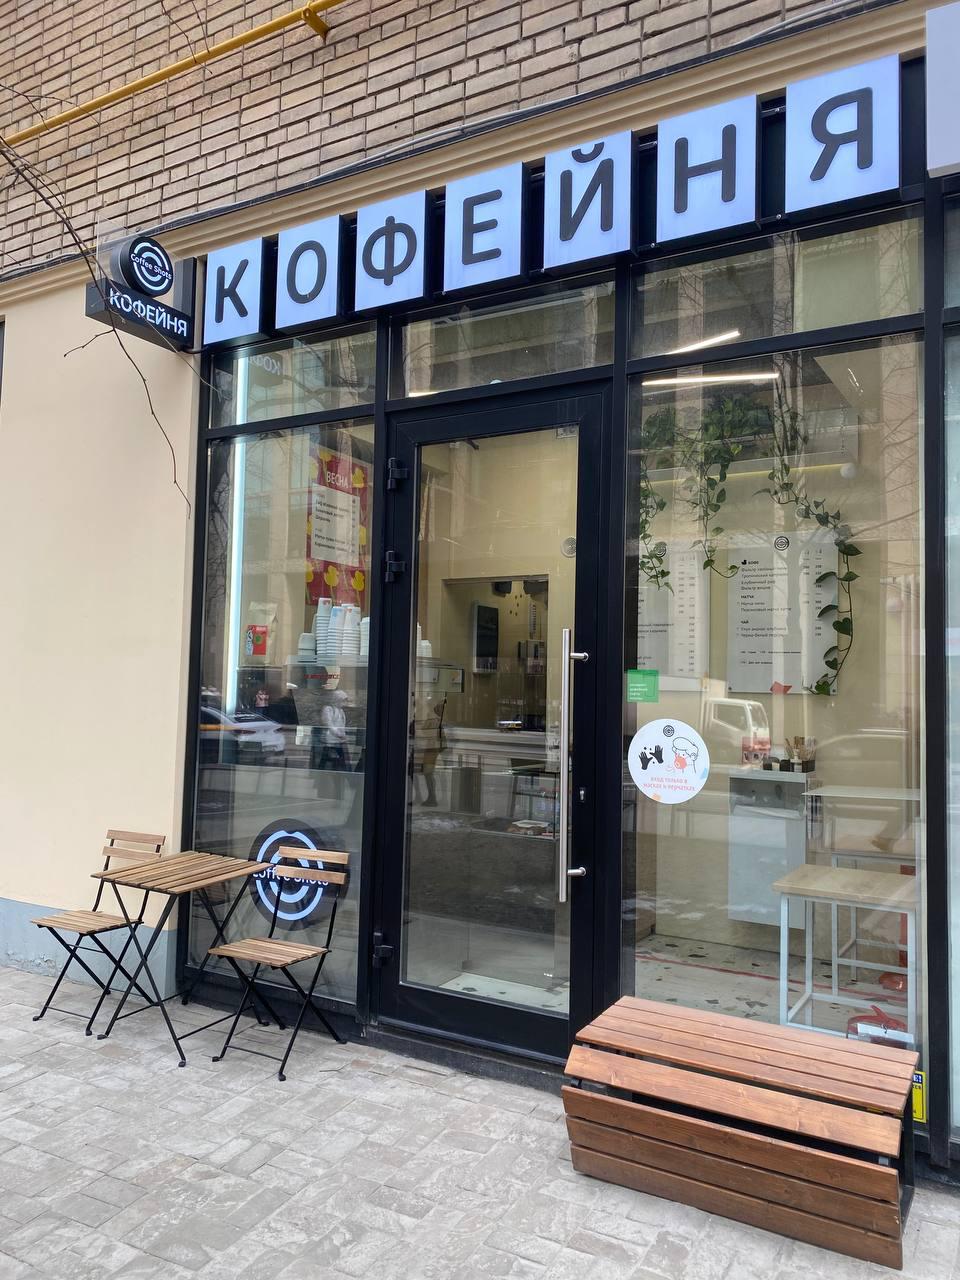 Москва<br/>Coffeeshots Lesnaya<br/>250 руб/ч